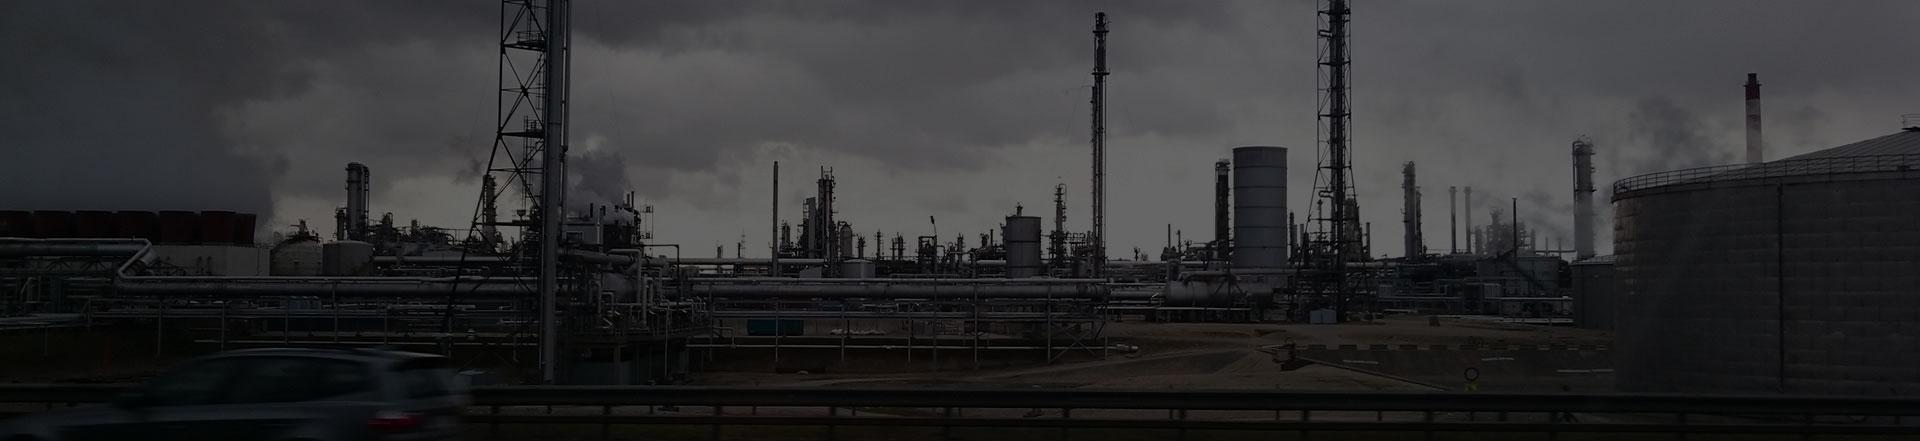 3_sectores_quimica-f